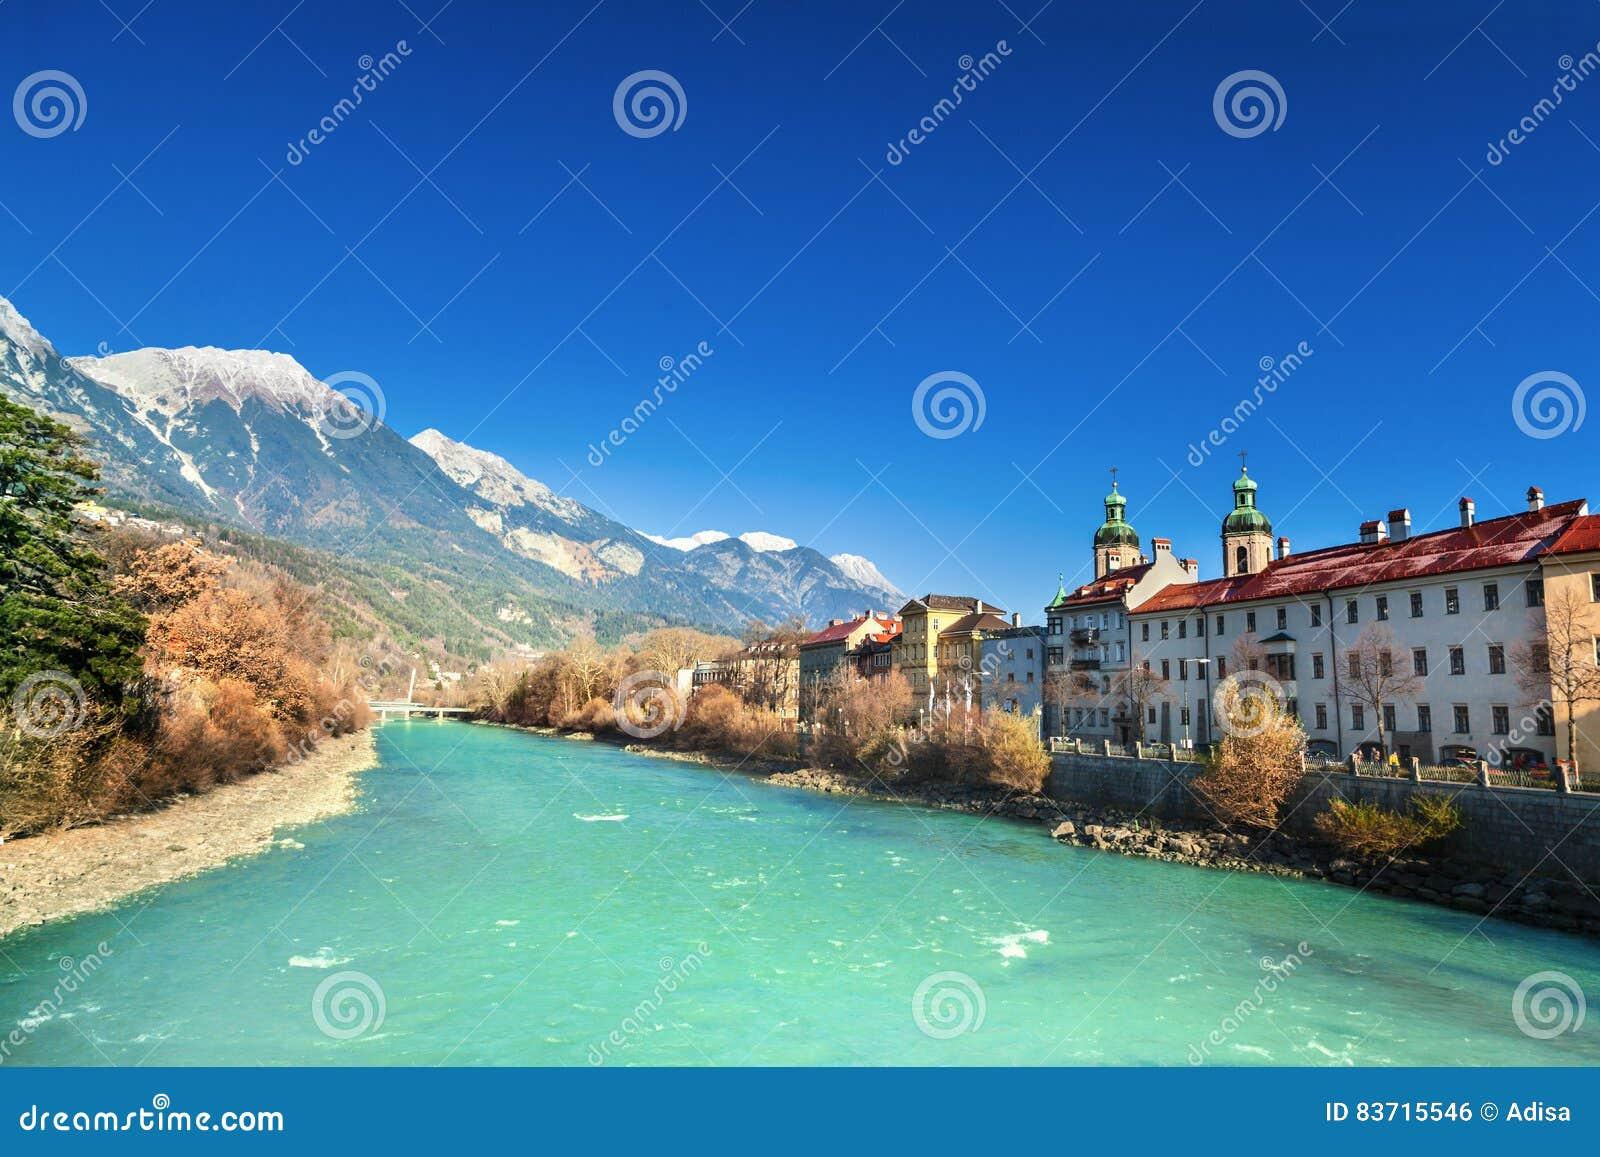 Innsbruck Cityscape, Austria Stock Photo